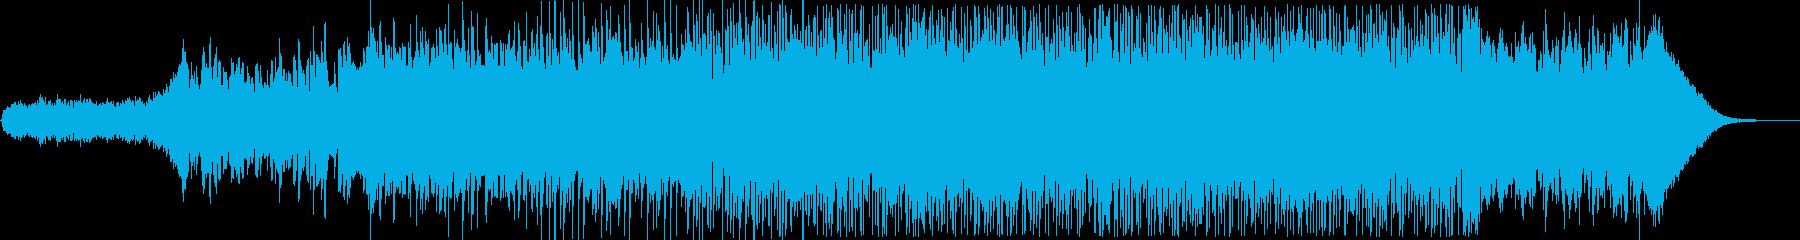 和風VP系5、琴ハウス、高揚感、美しいBの再生済みの波形